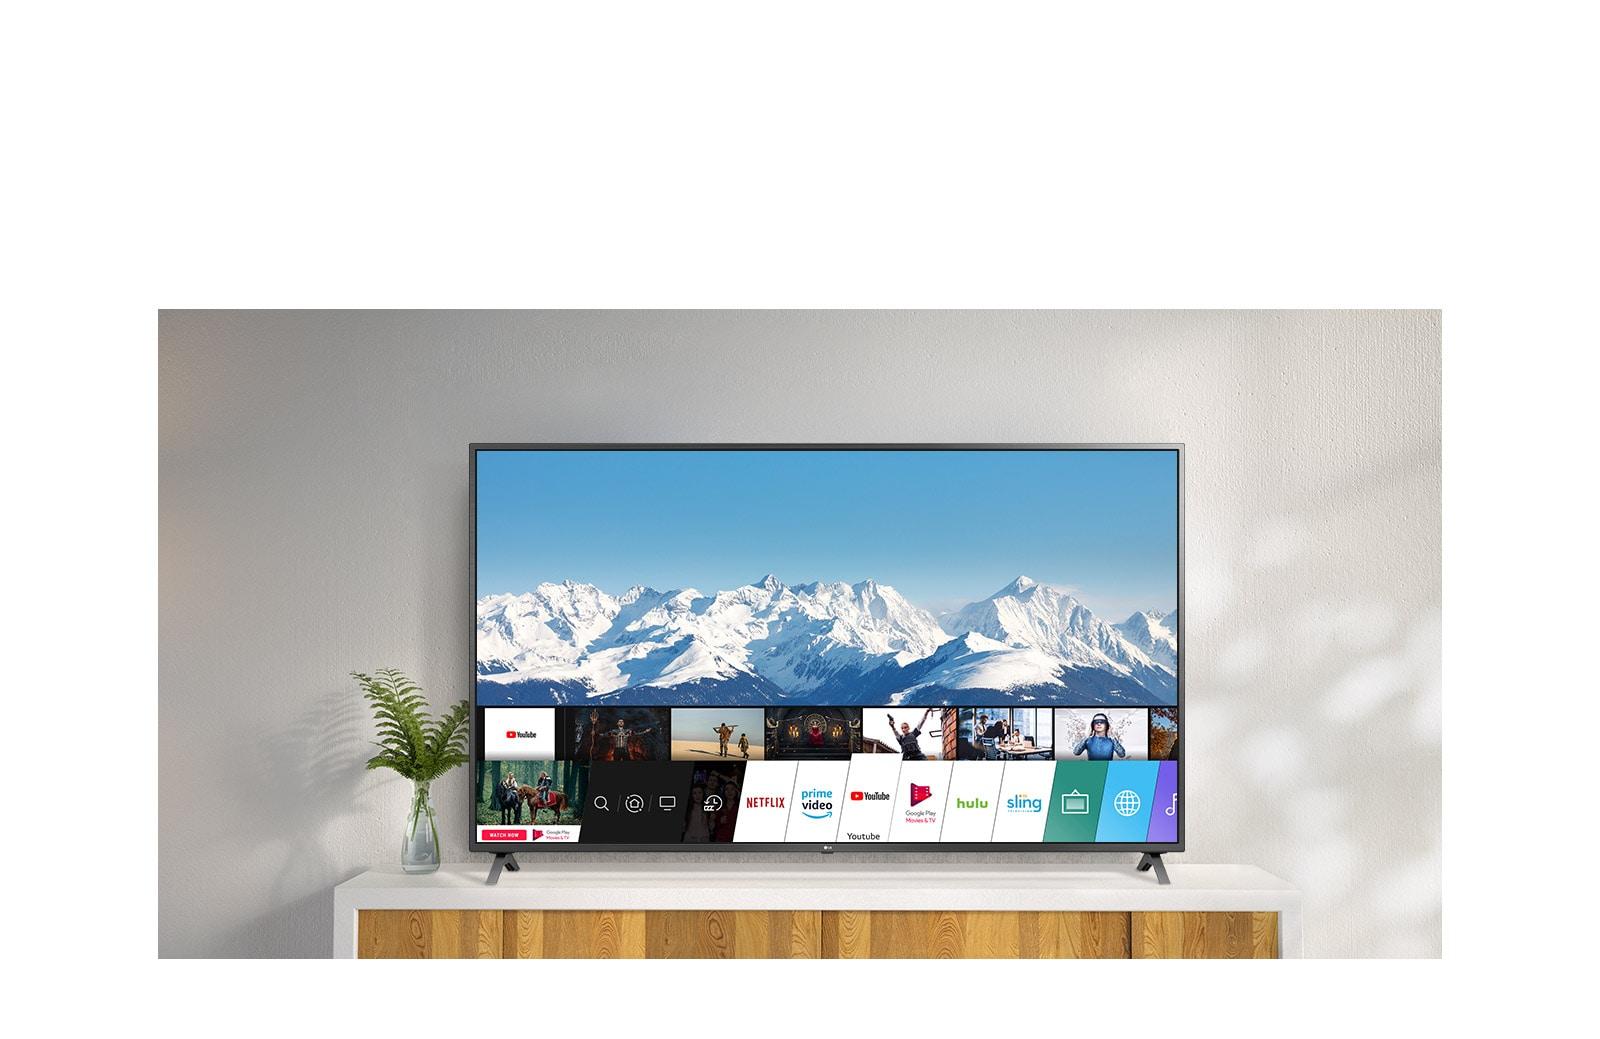 ทีวีกำลังตั้งอยู่บนขาตั้งสีขาวและผนังสีขาว หน้าจอทีวีแสดงหน้าจาหลักที่มี webOS